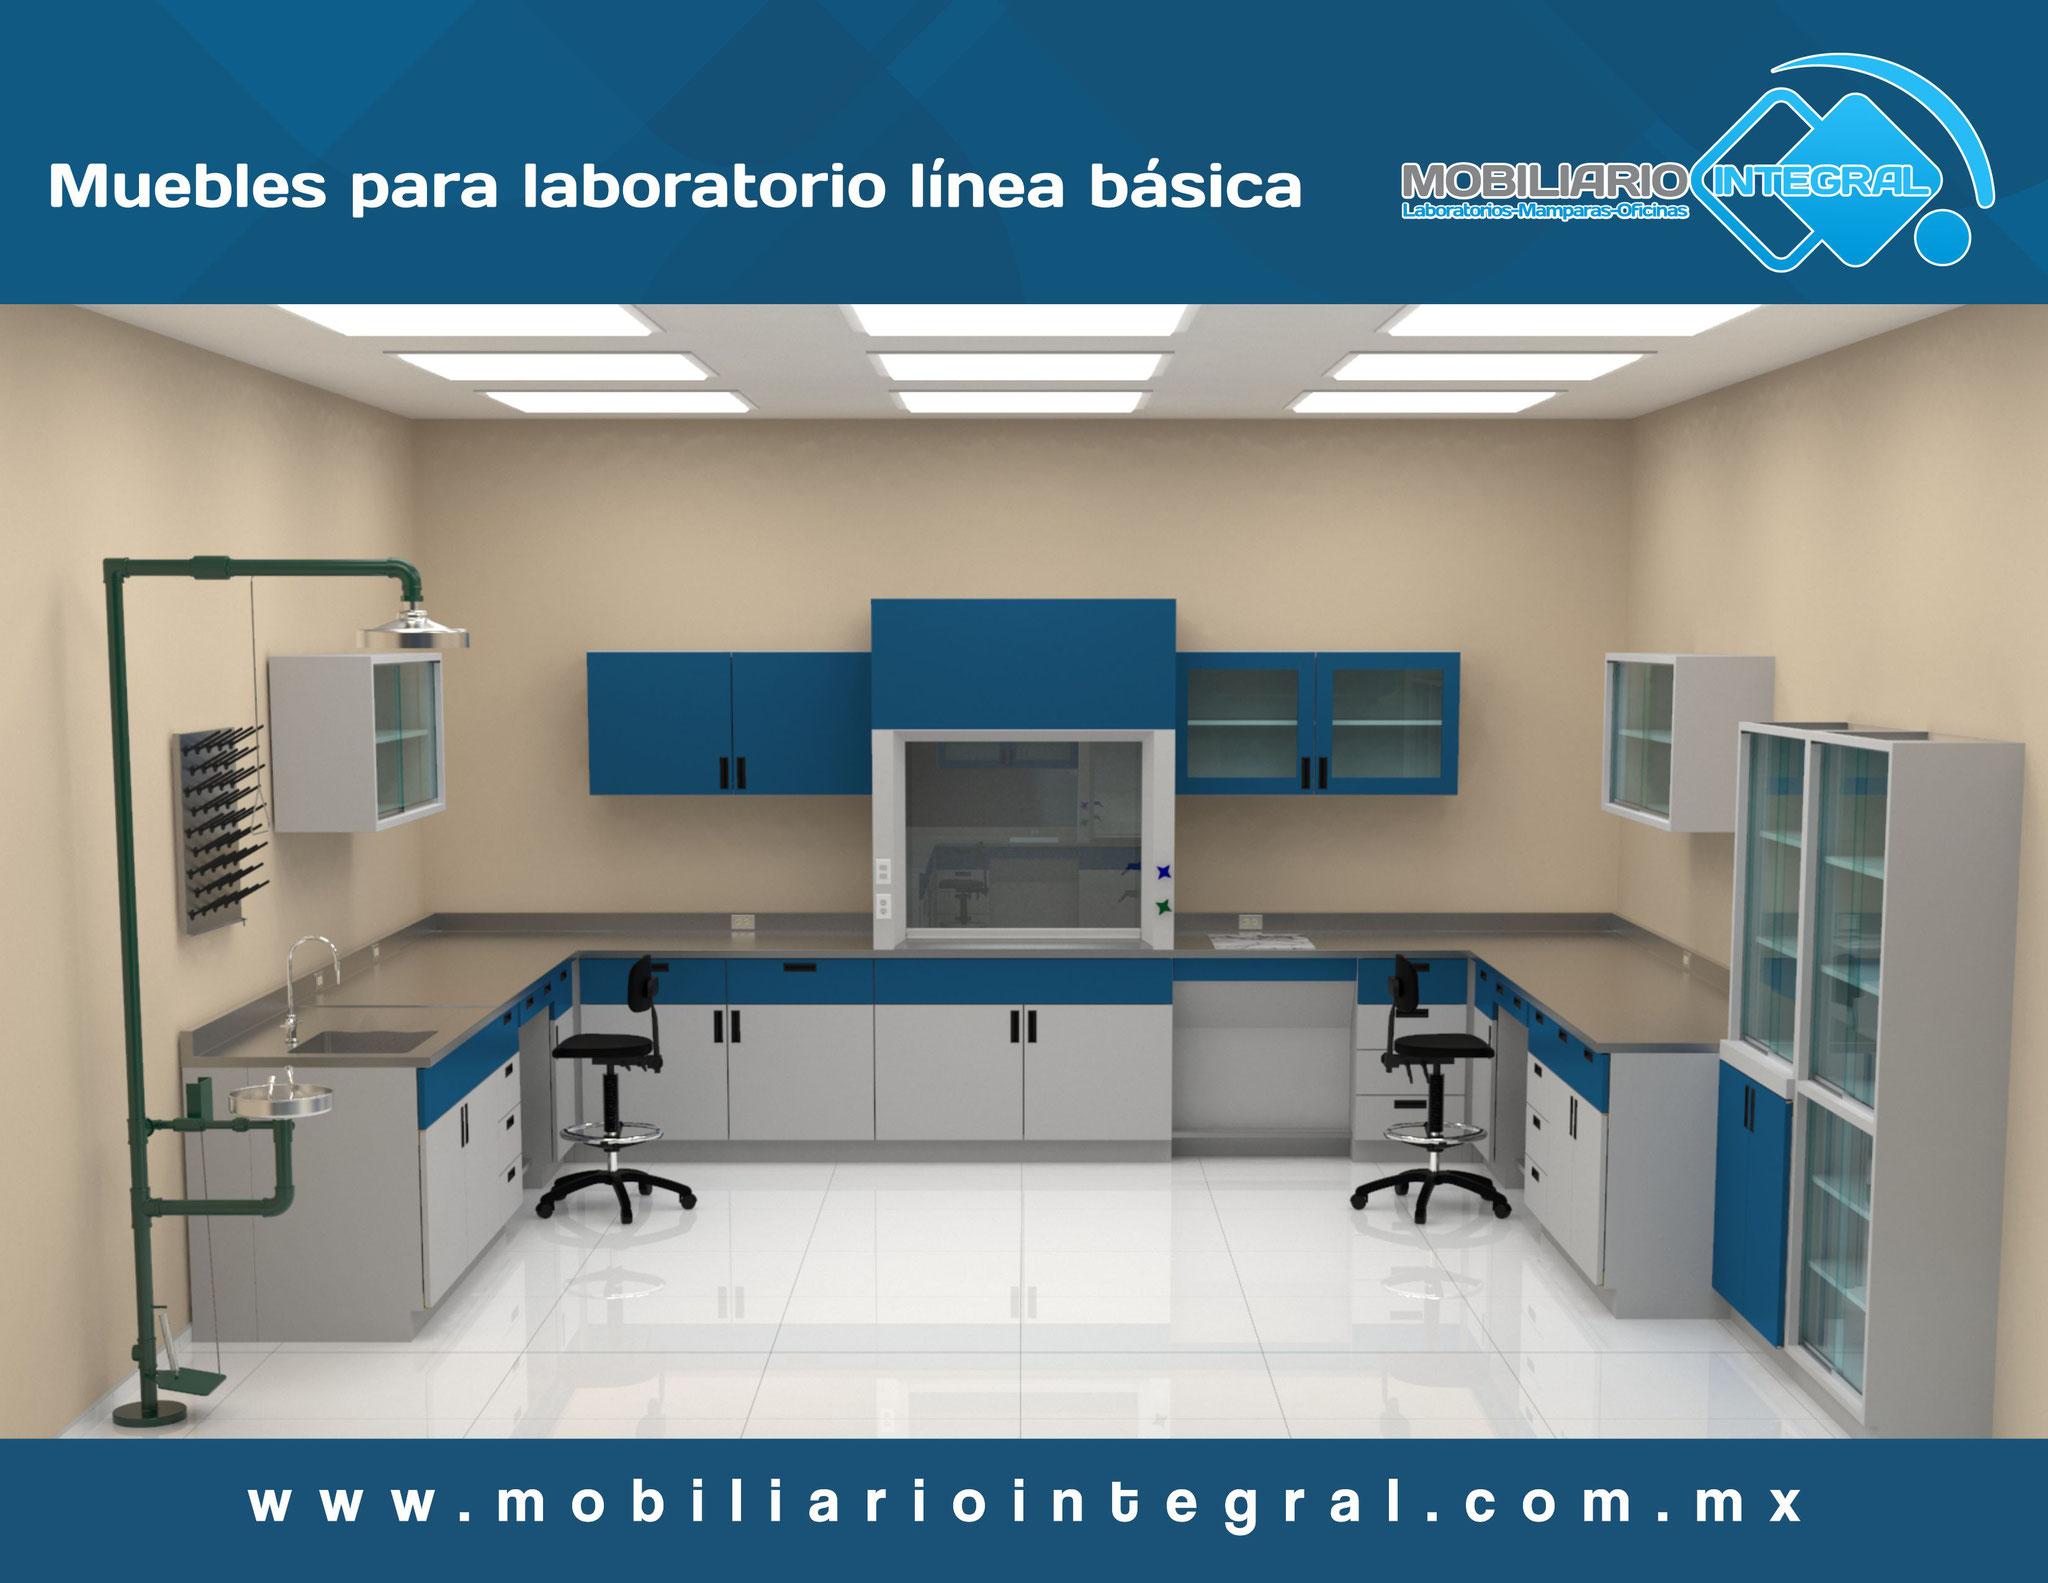 Muebles para laboratorio en Minatitlán